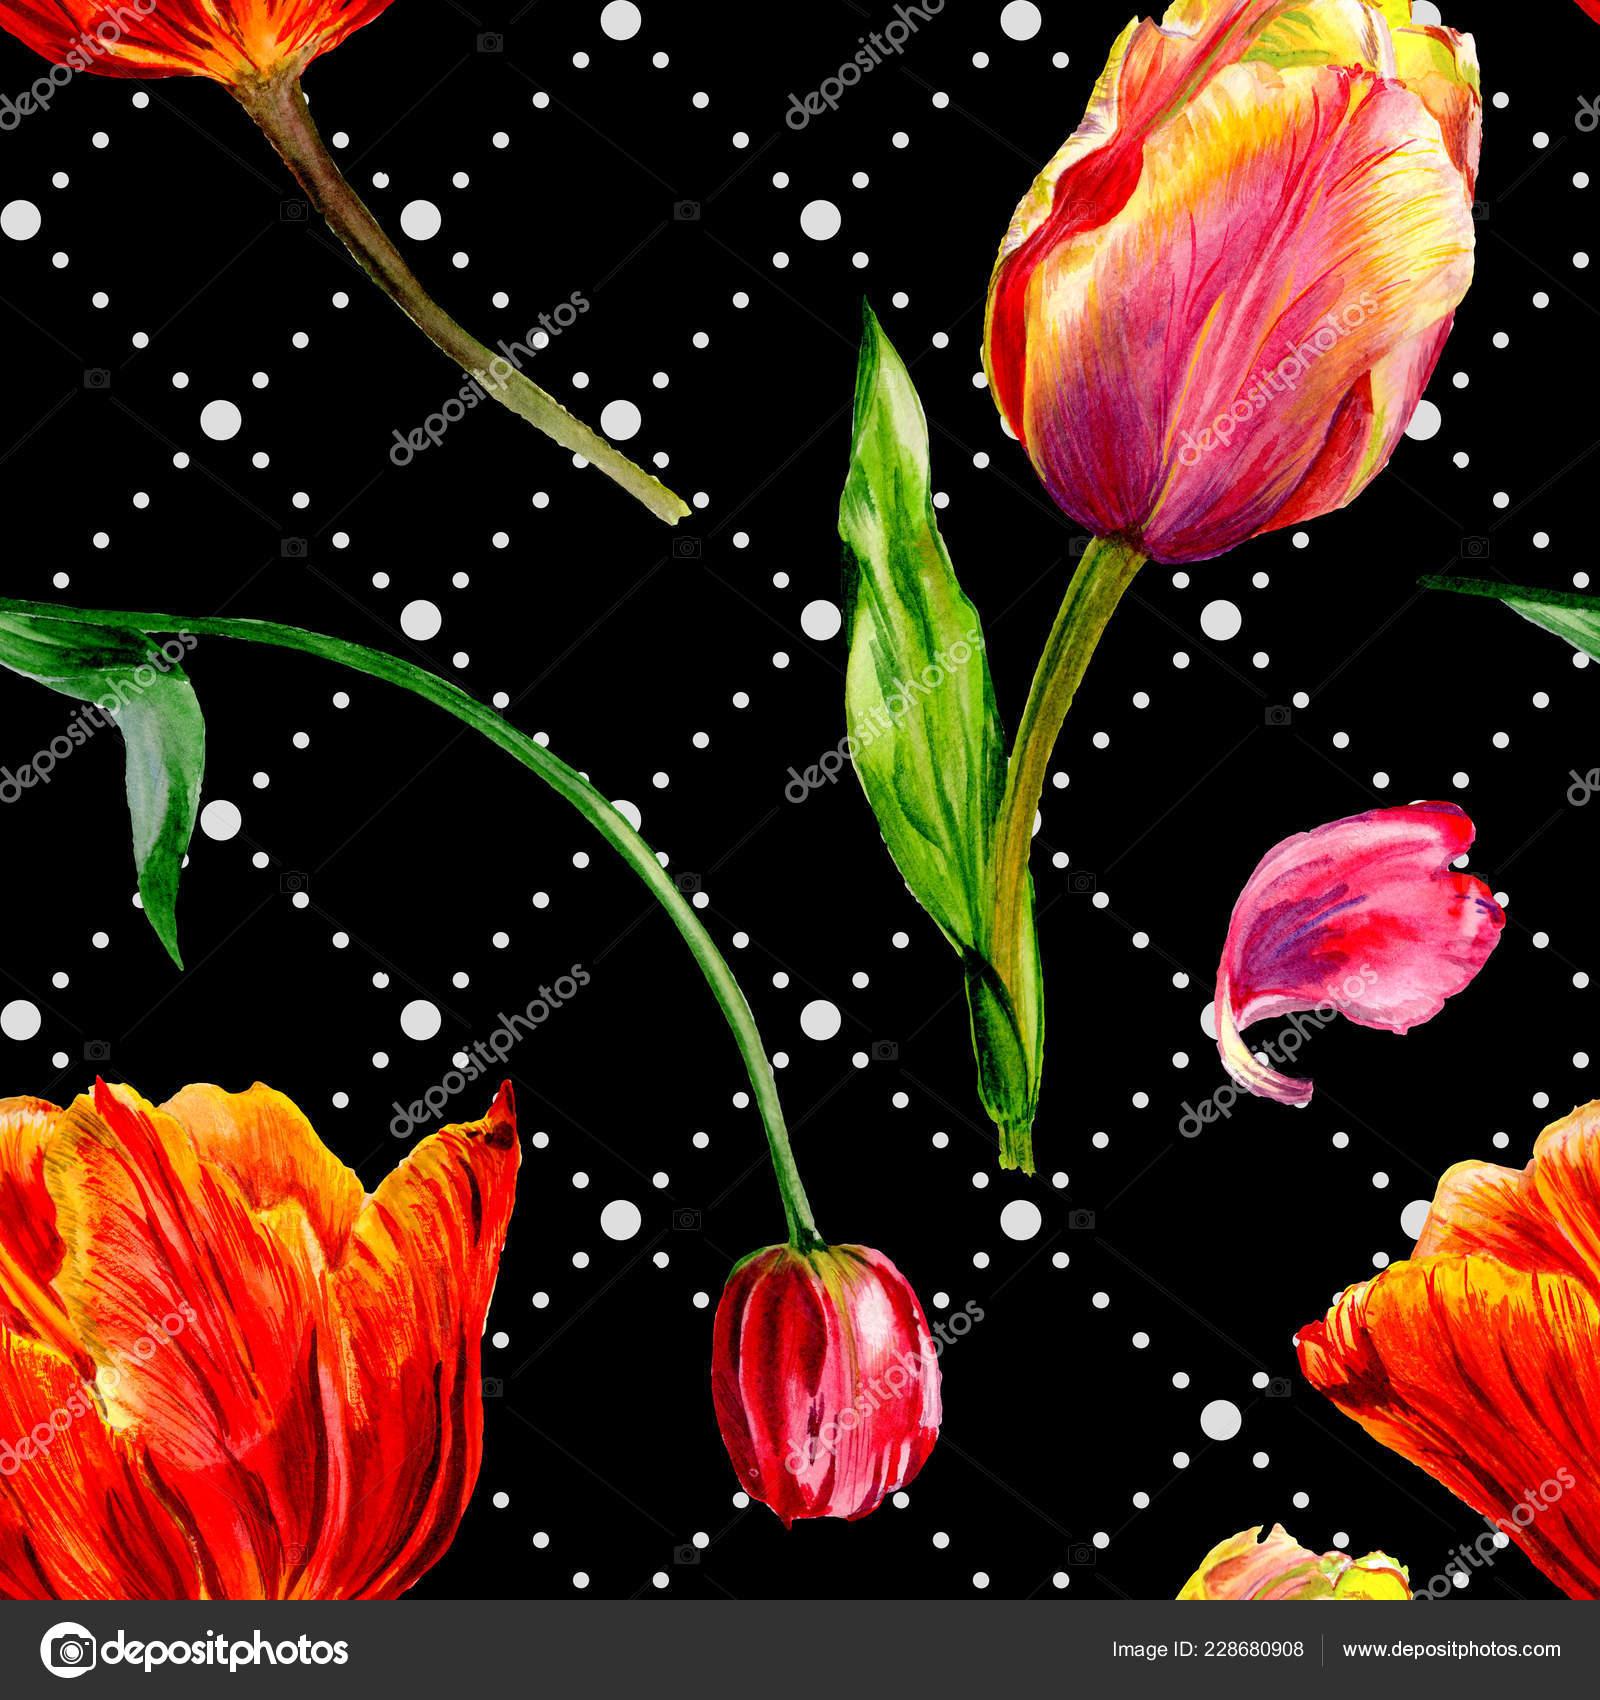 Tolle Rote Tulpe Blumen Mit Grünen Blättern Handgezeichnete